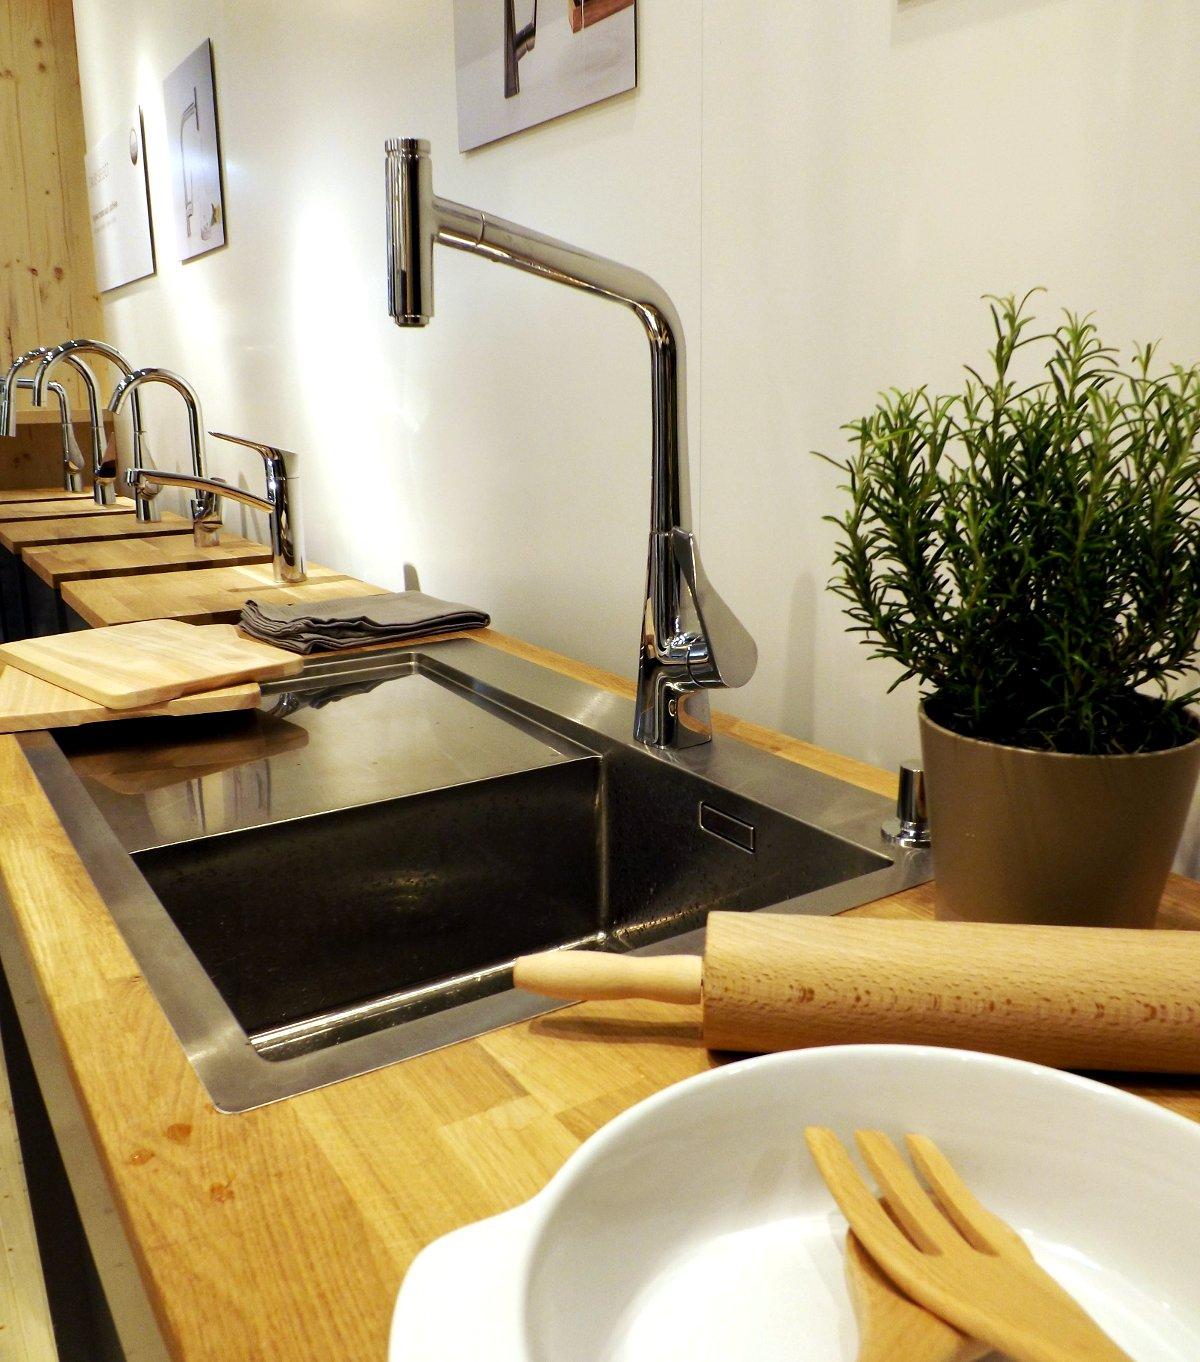 Кухонный смеситель из коллекции Hansgrohe METRIS на выставке МосБилд-2015